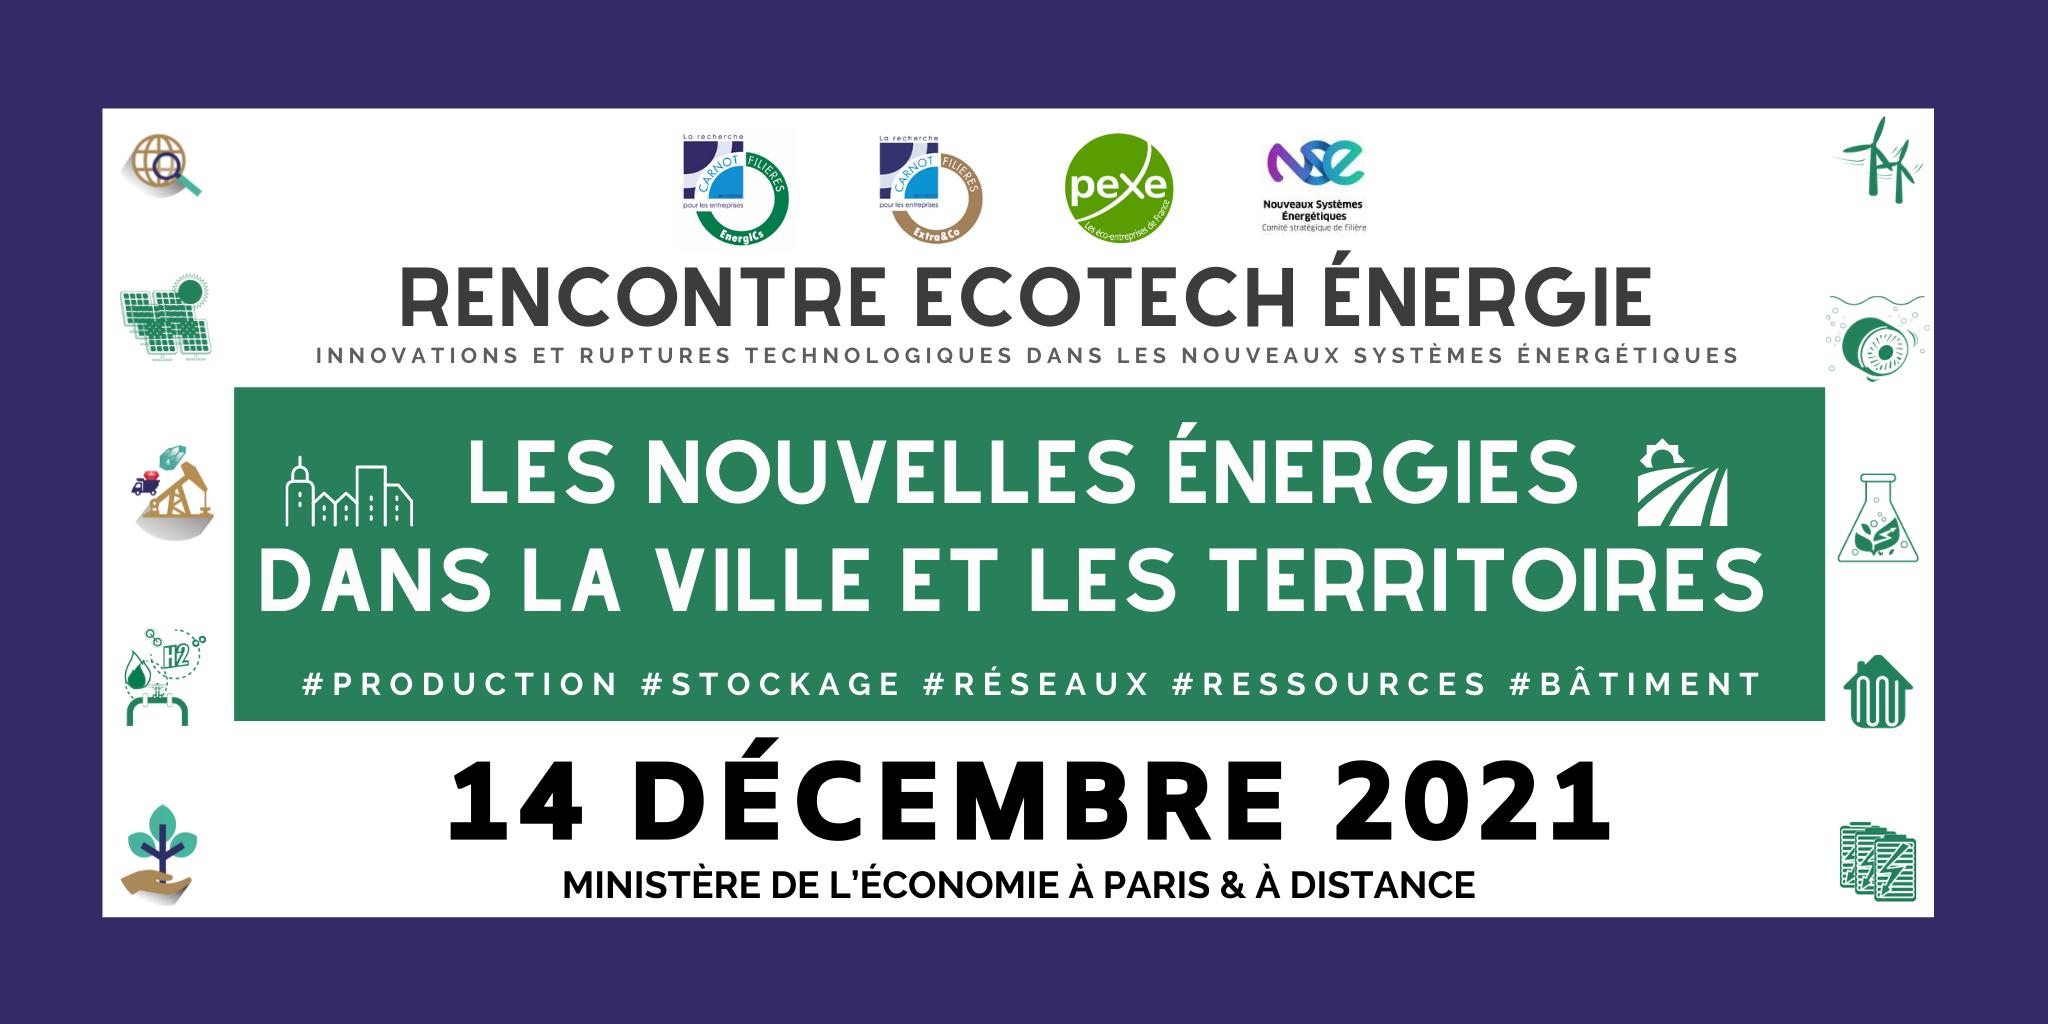 Rencontres Ecotech Energie 2021